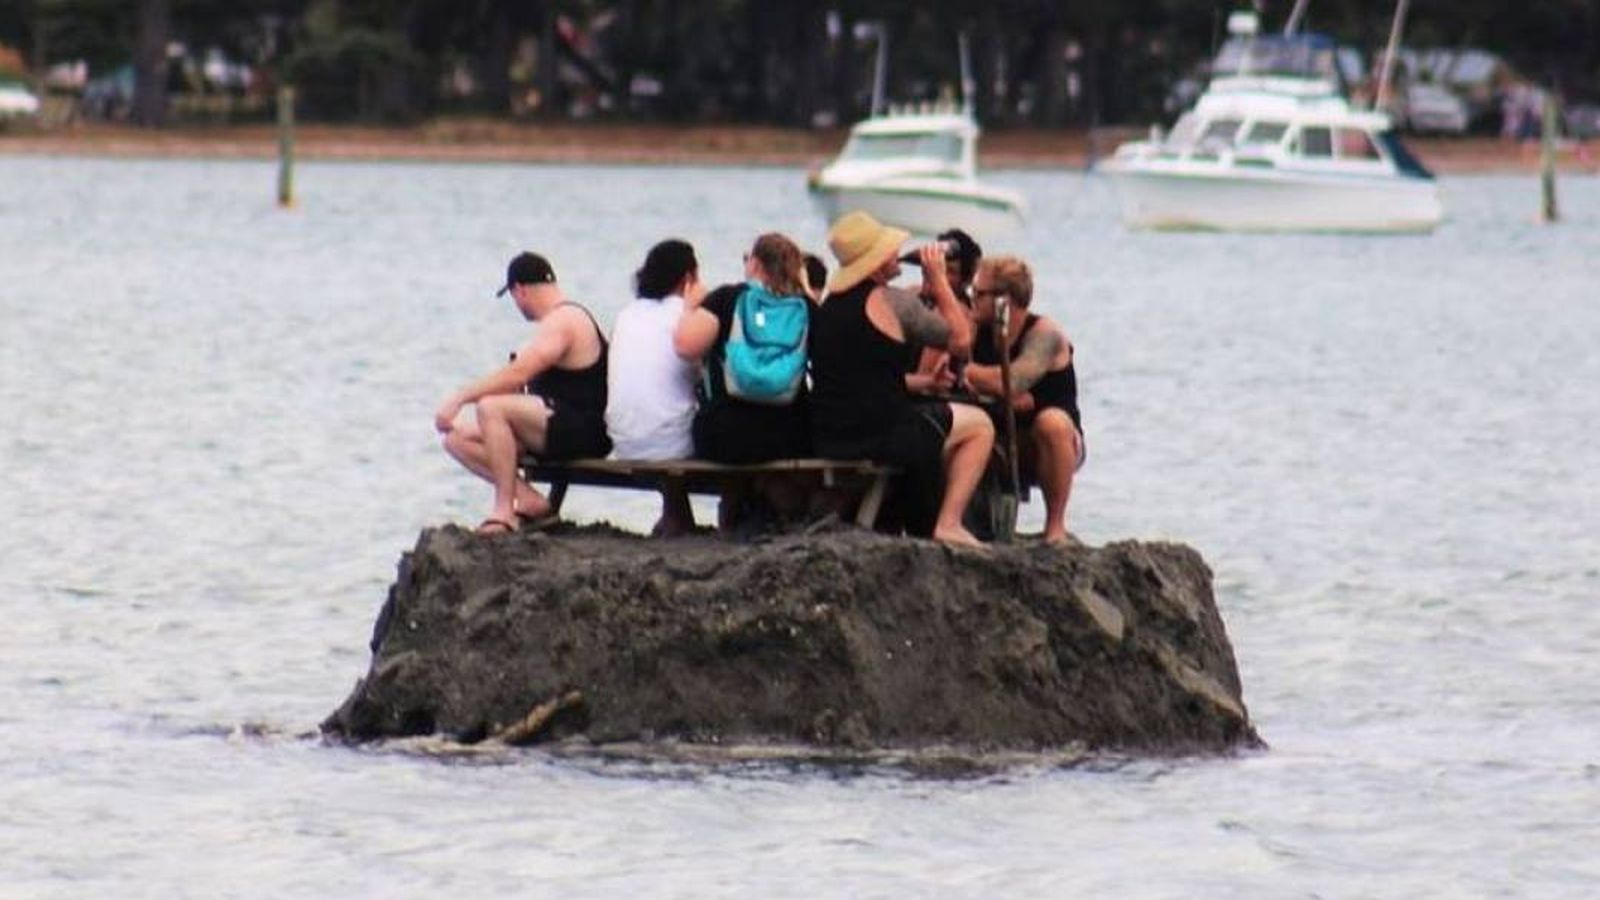 Foto: Siete hombres, una isla y una neverita repleta de bebidas. (David Saunders)